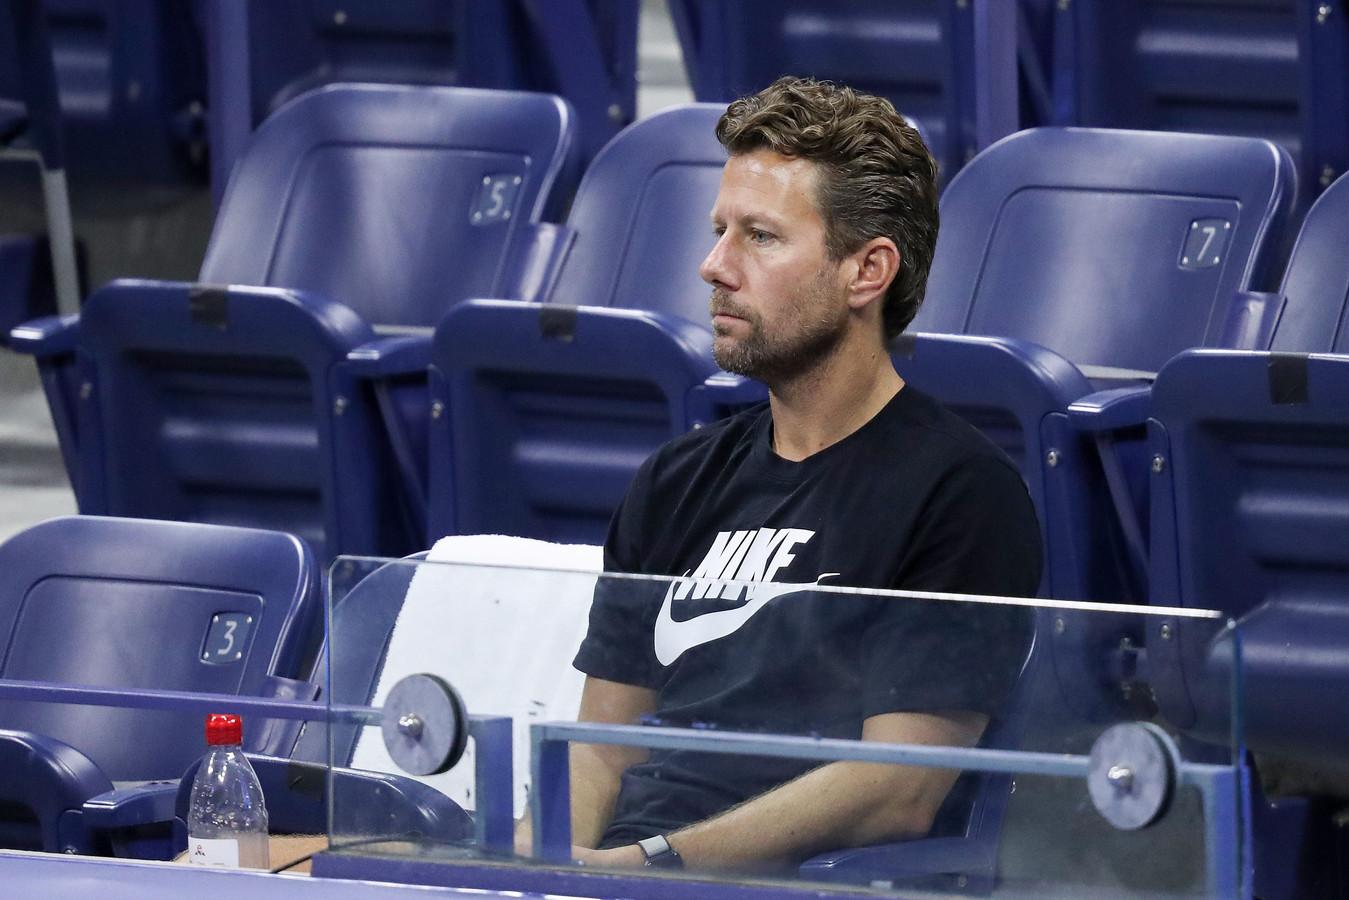 Wim Fissette, ex-coach de Kim Clijsters et mentor de la Japonaise Naomi Osaka, lauréate de l'US Open